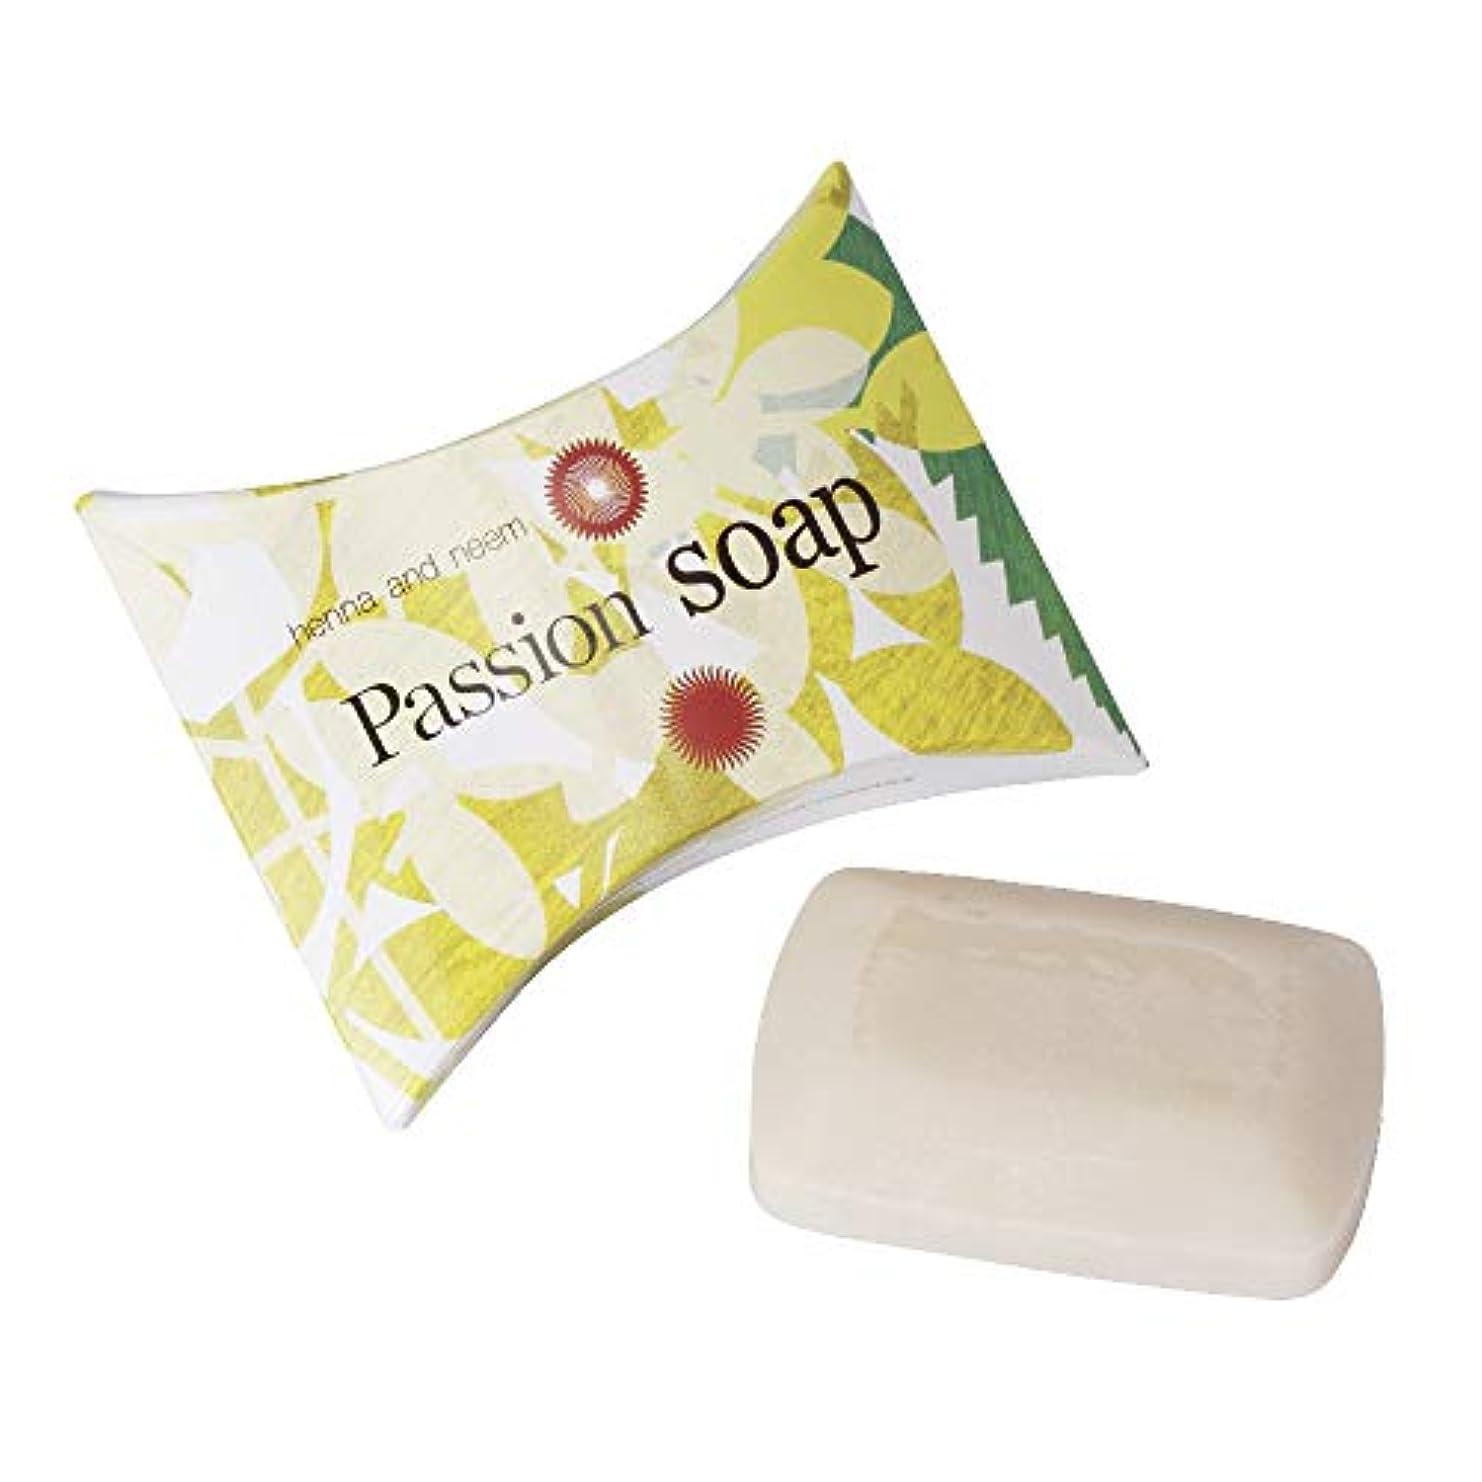 詐欺緊急強化ヘナソープ PASSION SOAP 天然サポニンで洗う優しいハーブ石鹸